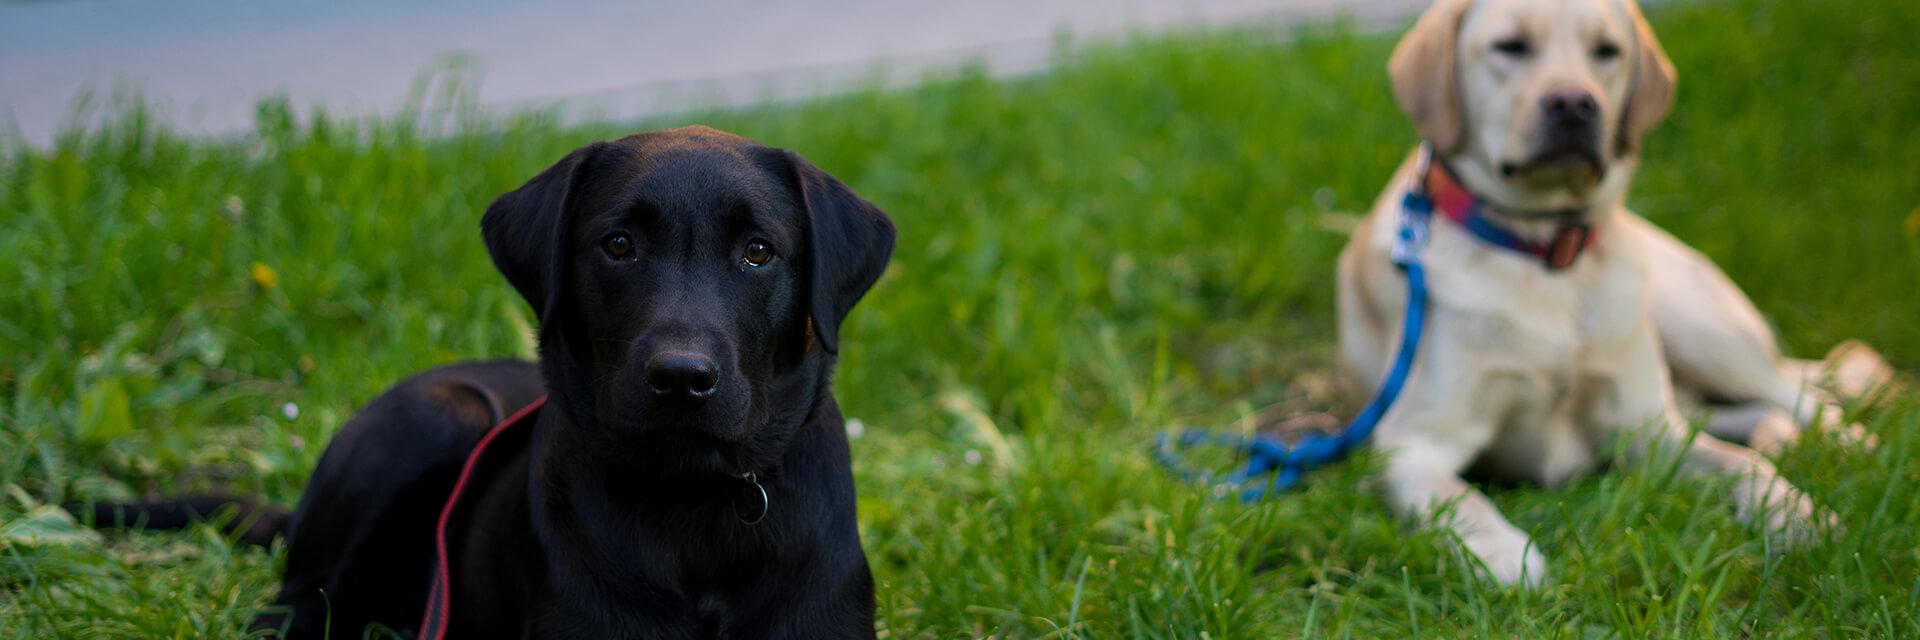 Na trawie leżą dwa młode labradory, z przodu czarny, z tyłu biszkoptowy